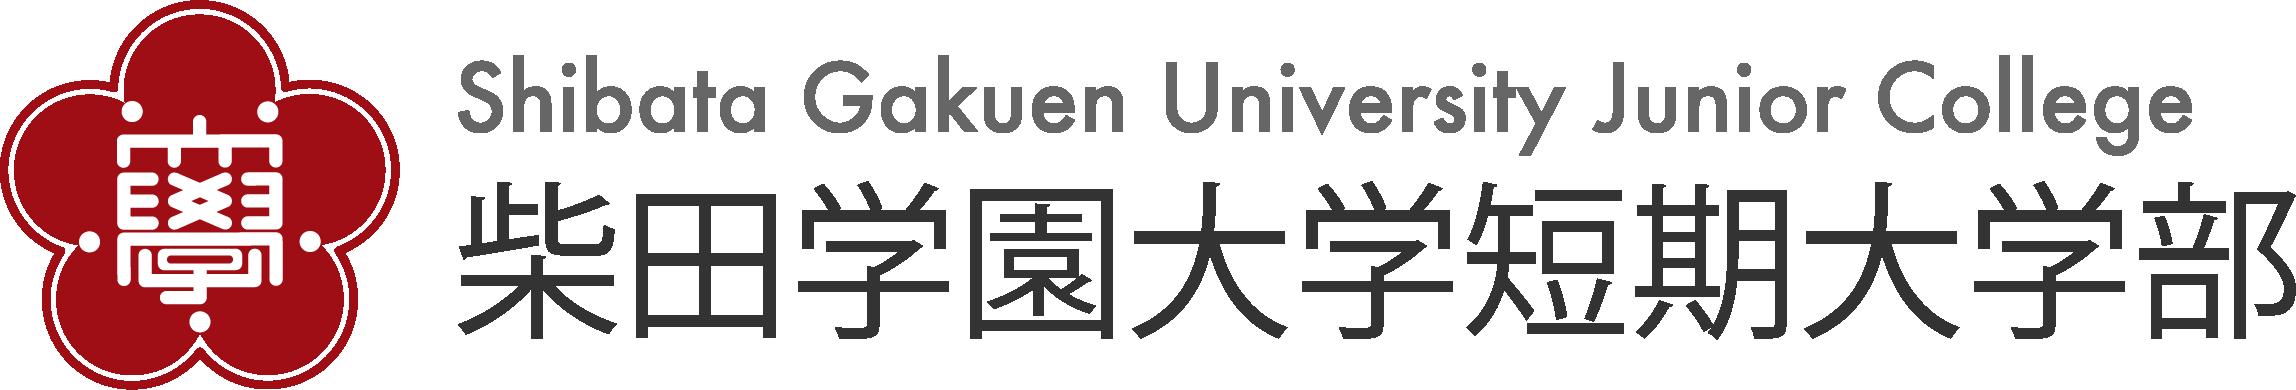 柴田学園大学短期大学部に改称